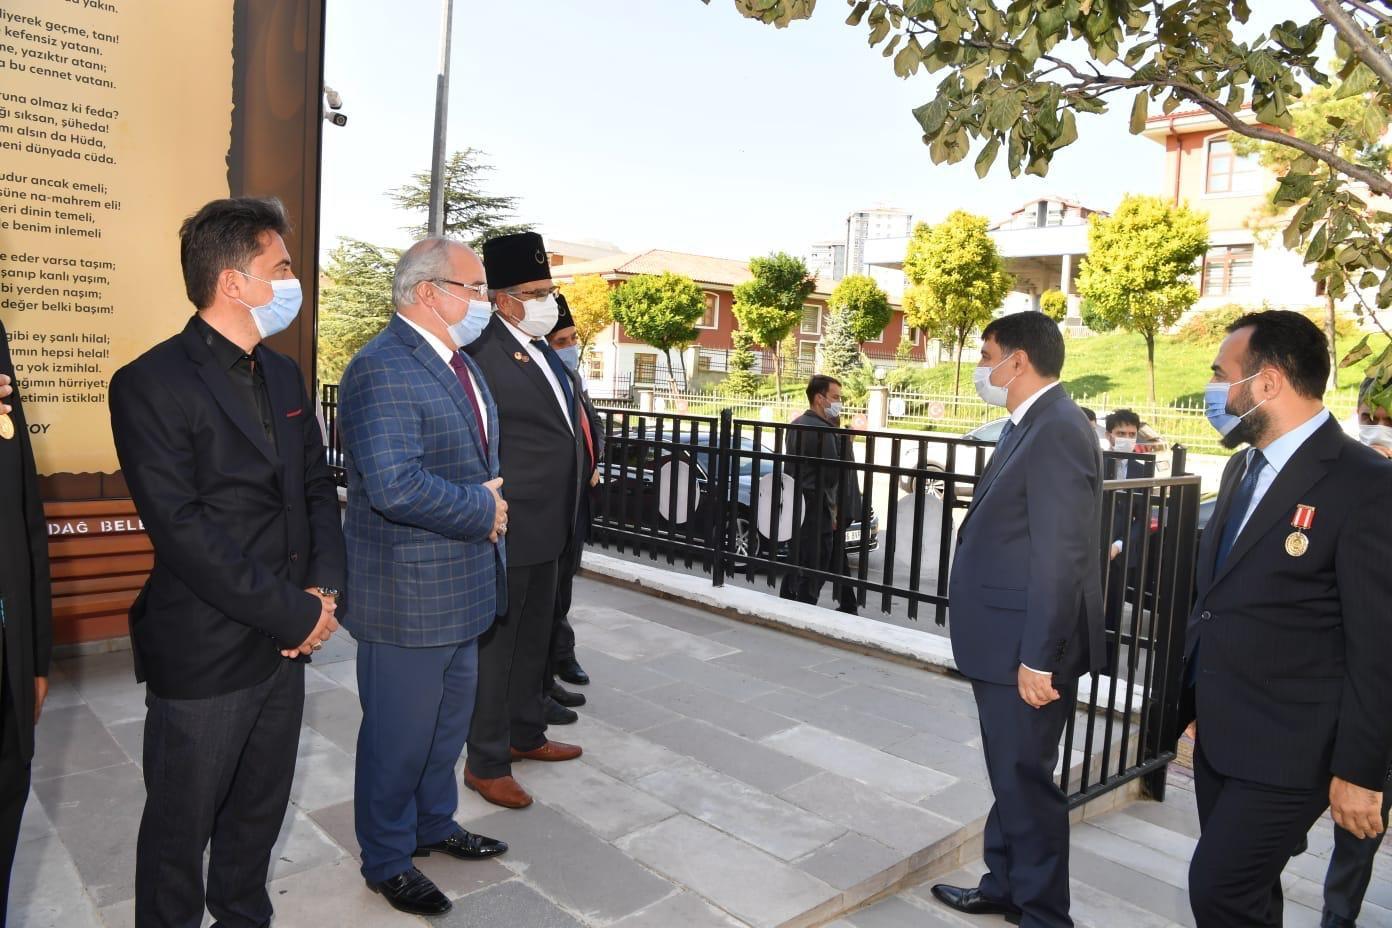 Ankara Valisi Vasip Şahin Vakfımızı Ziyaret Etti.